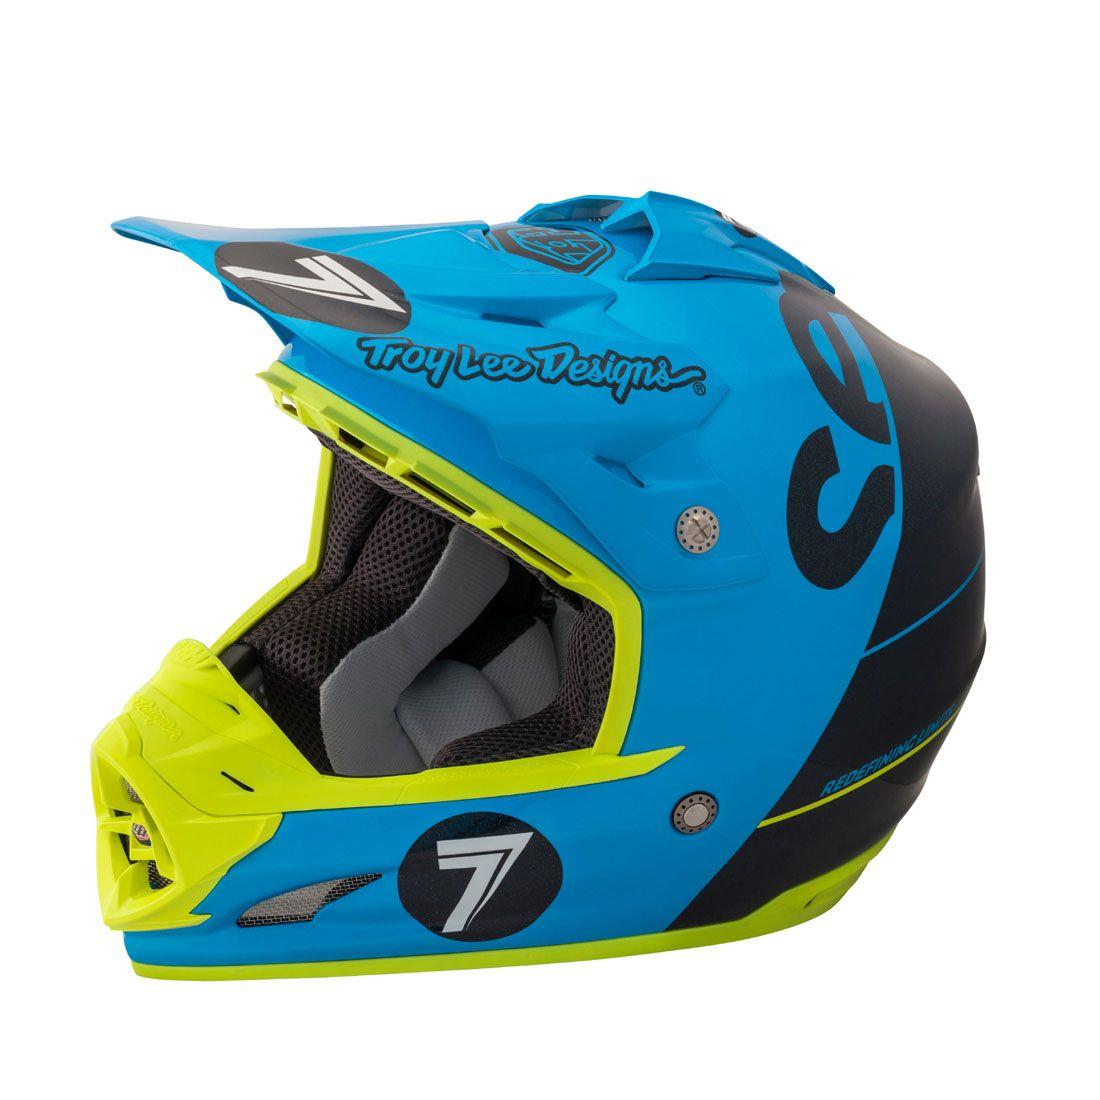 Seven Mx Troyleedesigns Se3 Supra Helmet Helmet Motorcycle